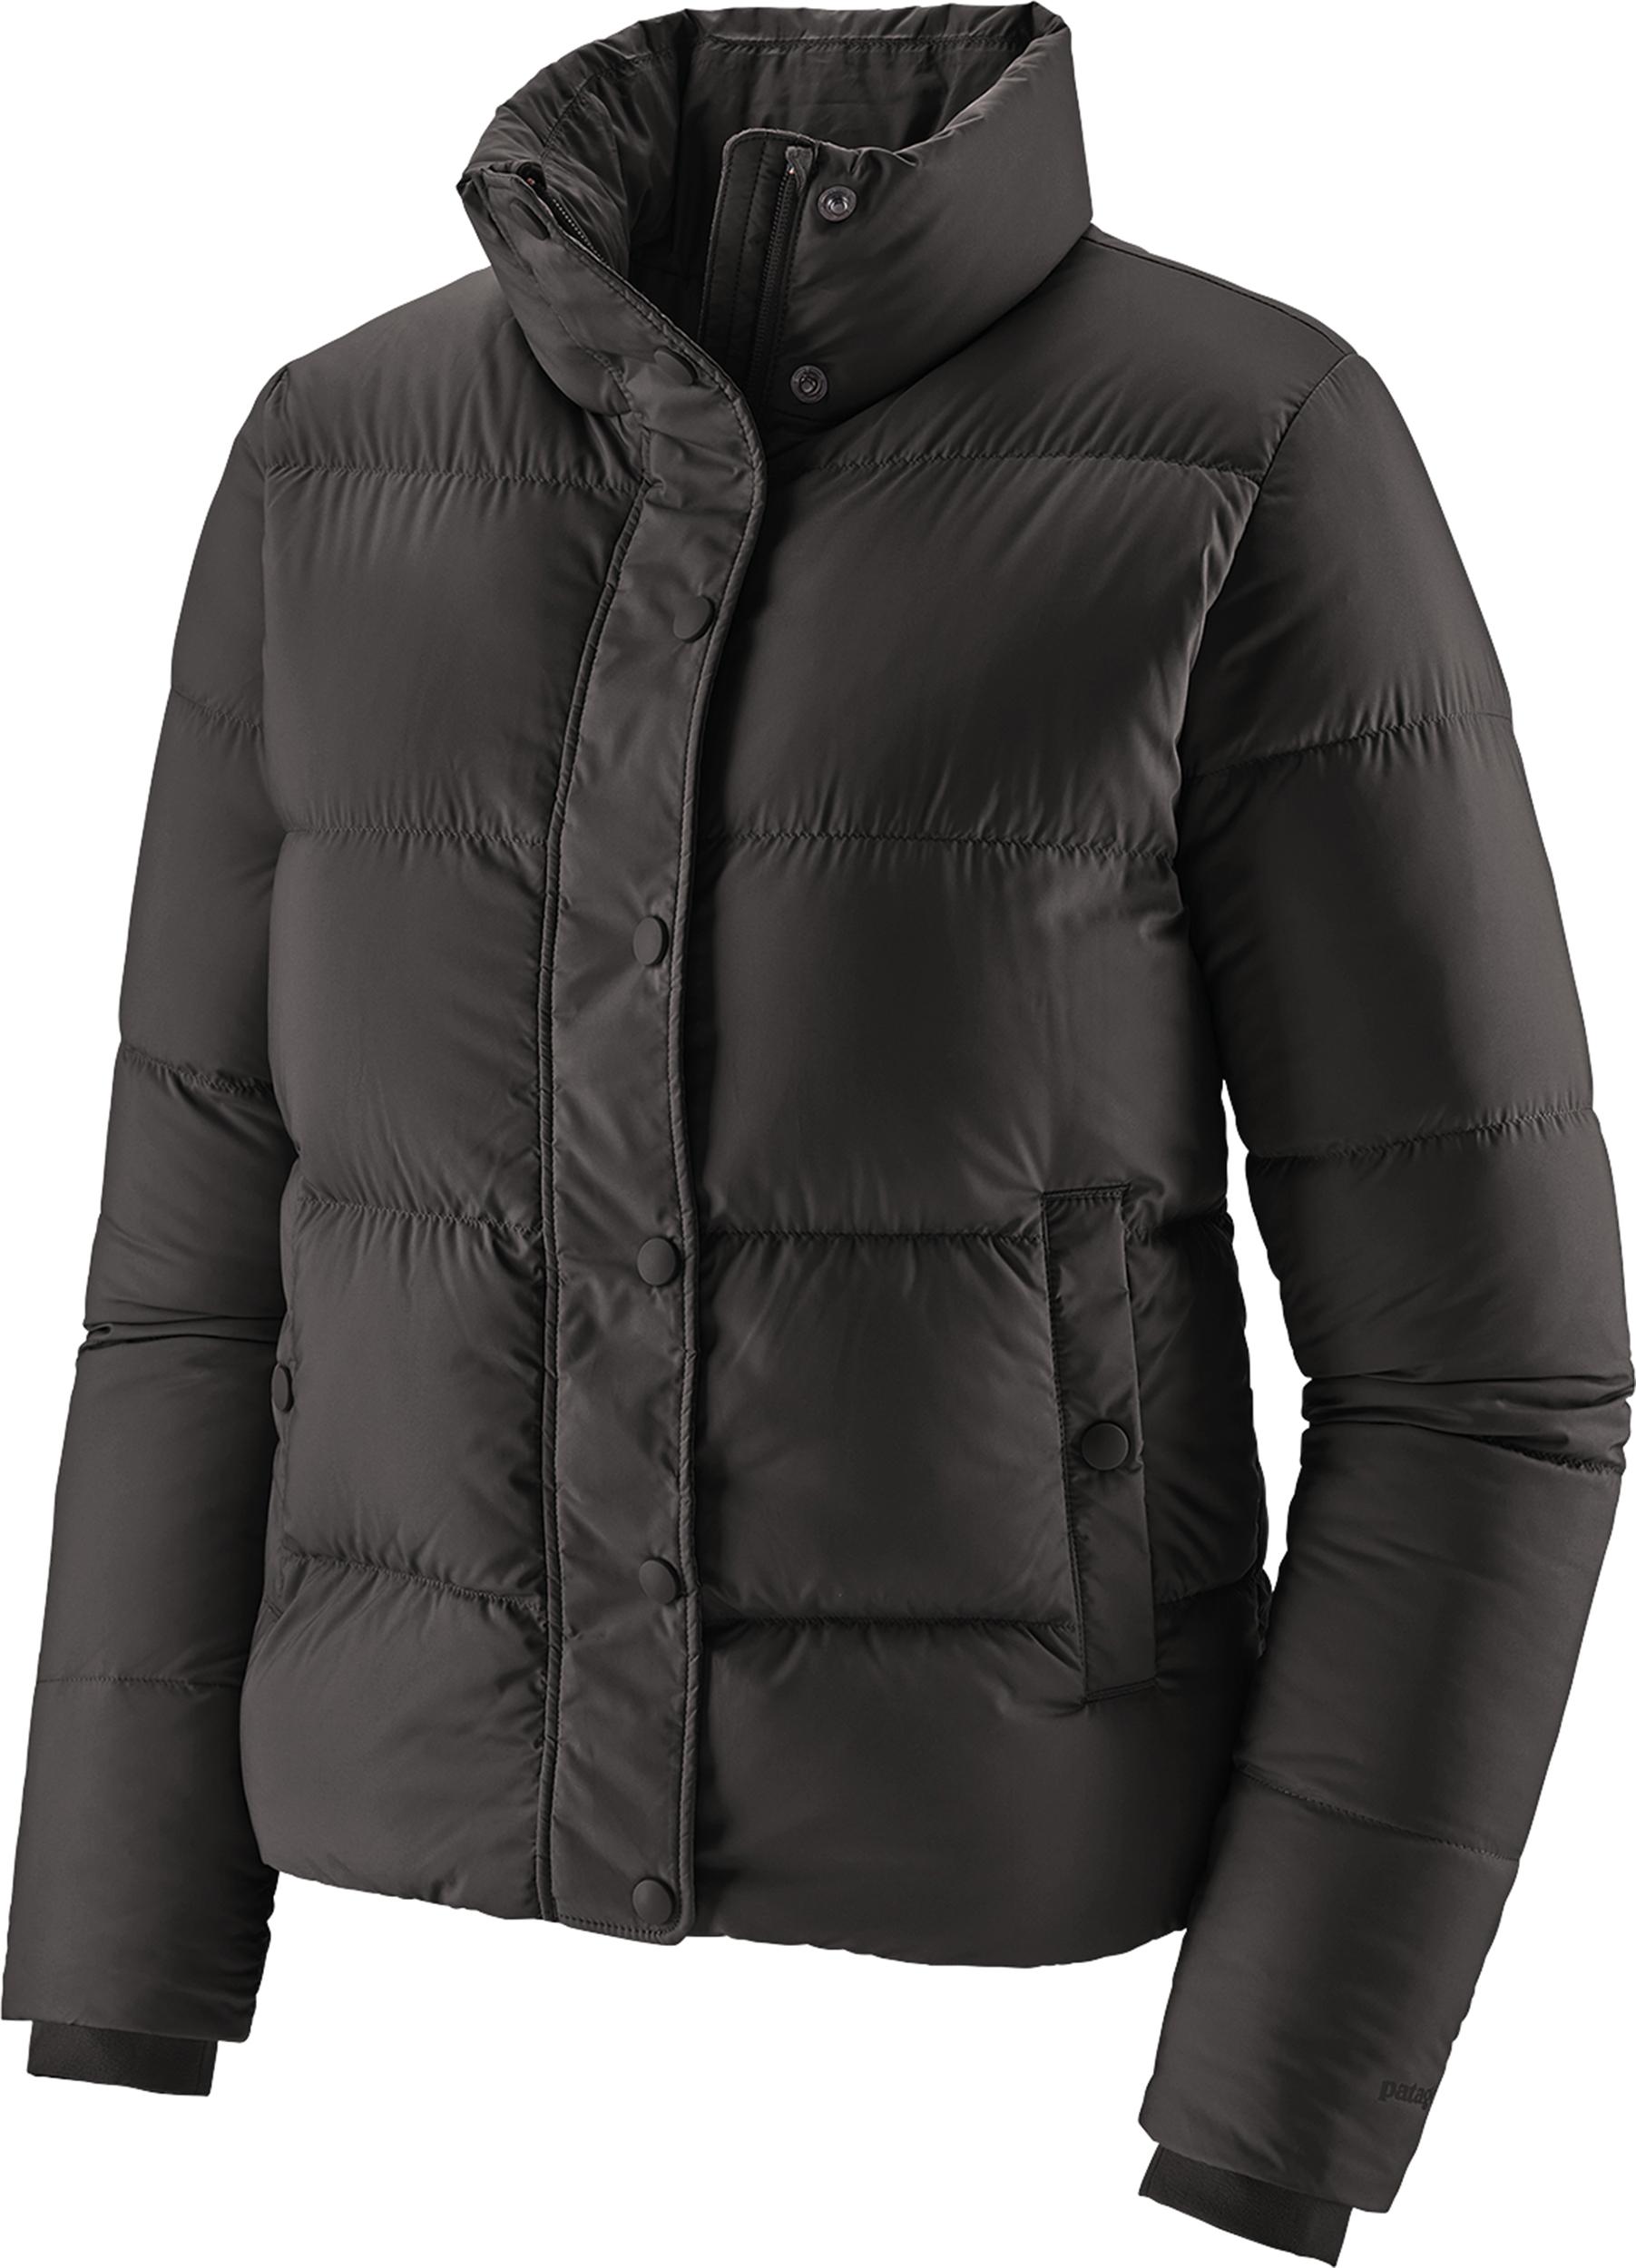 Manteau d'hiver 2x